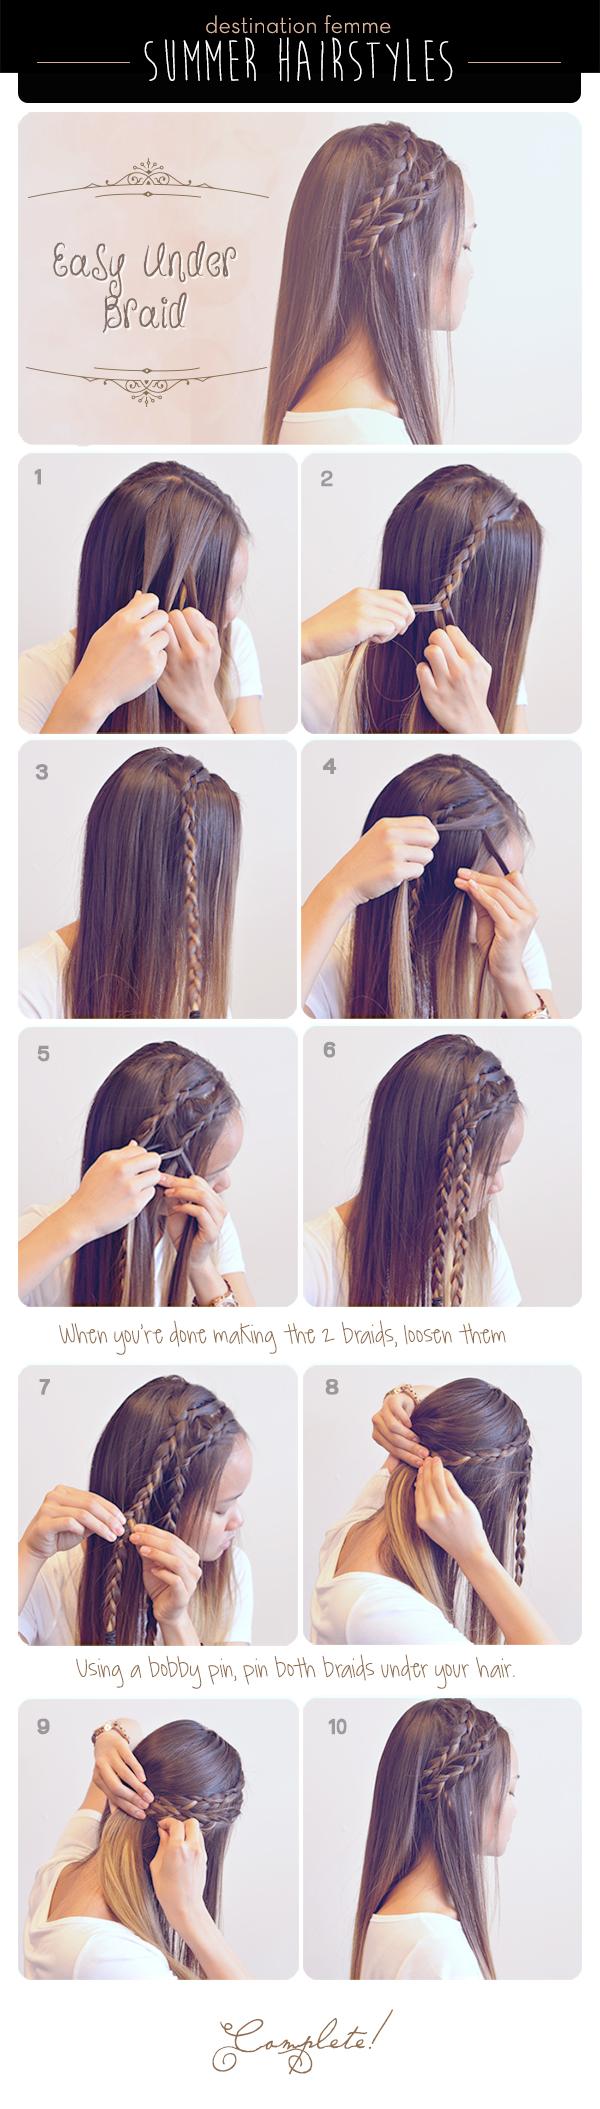 5. Easy Under Braids